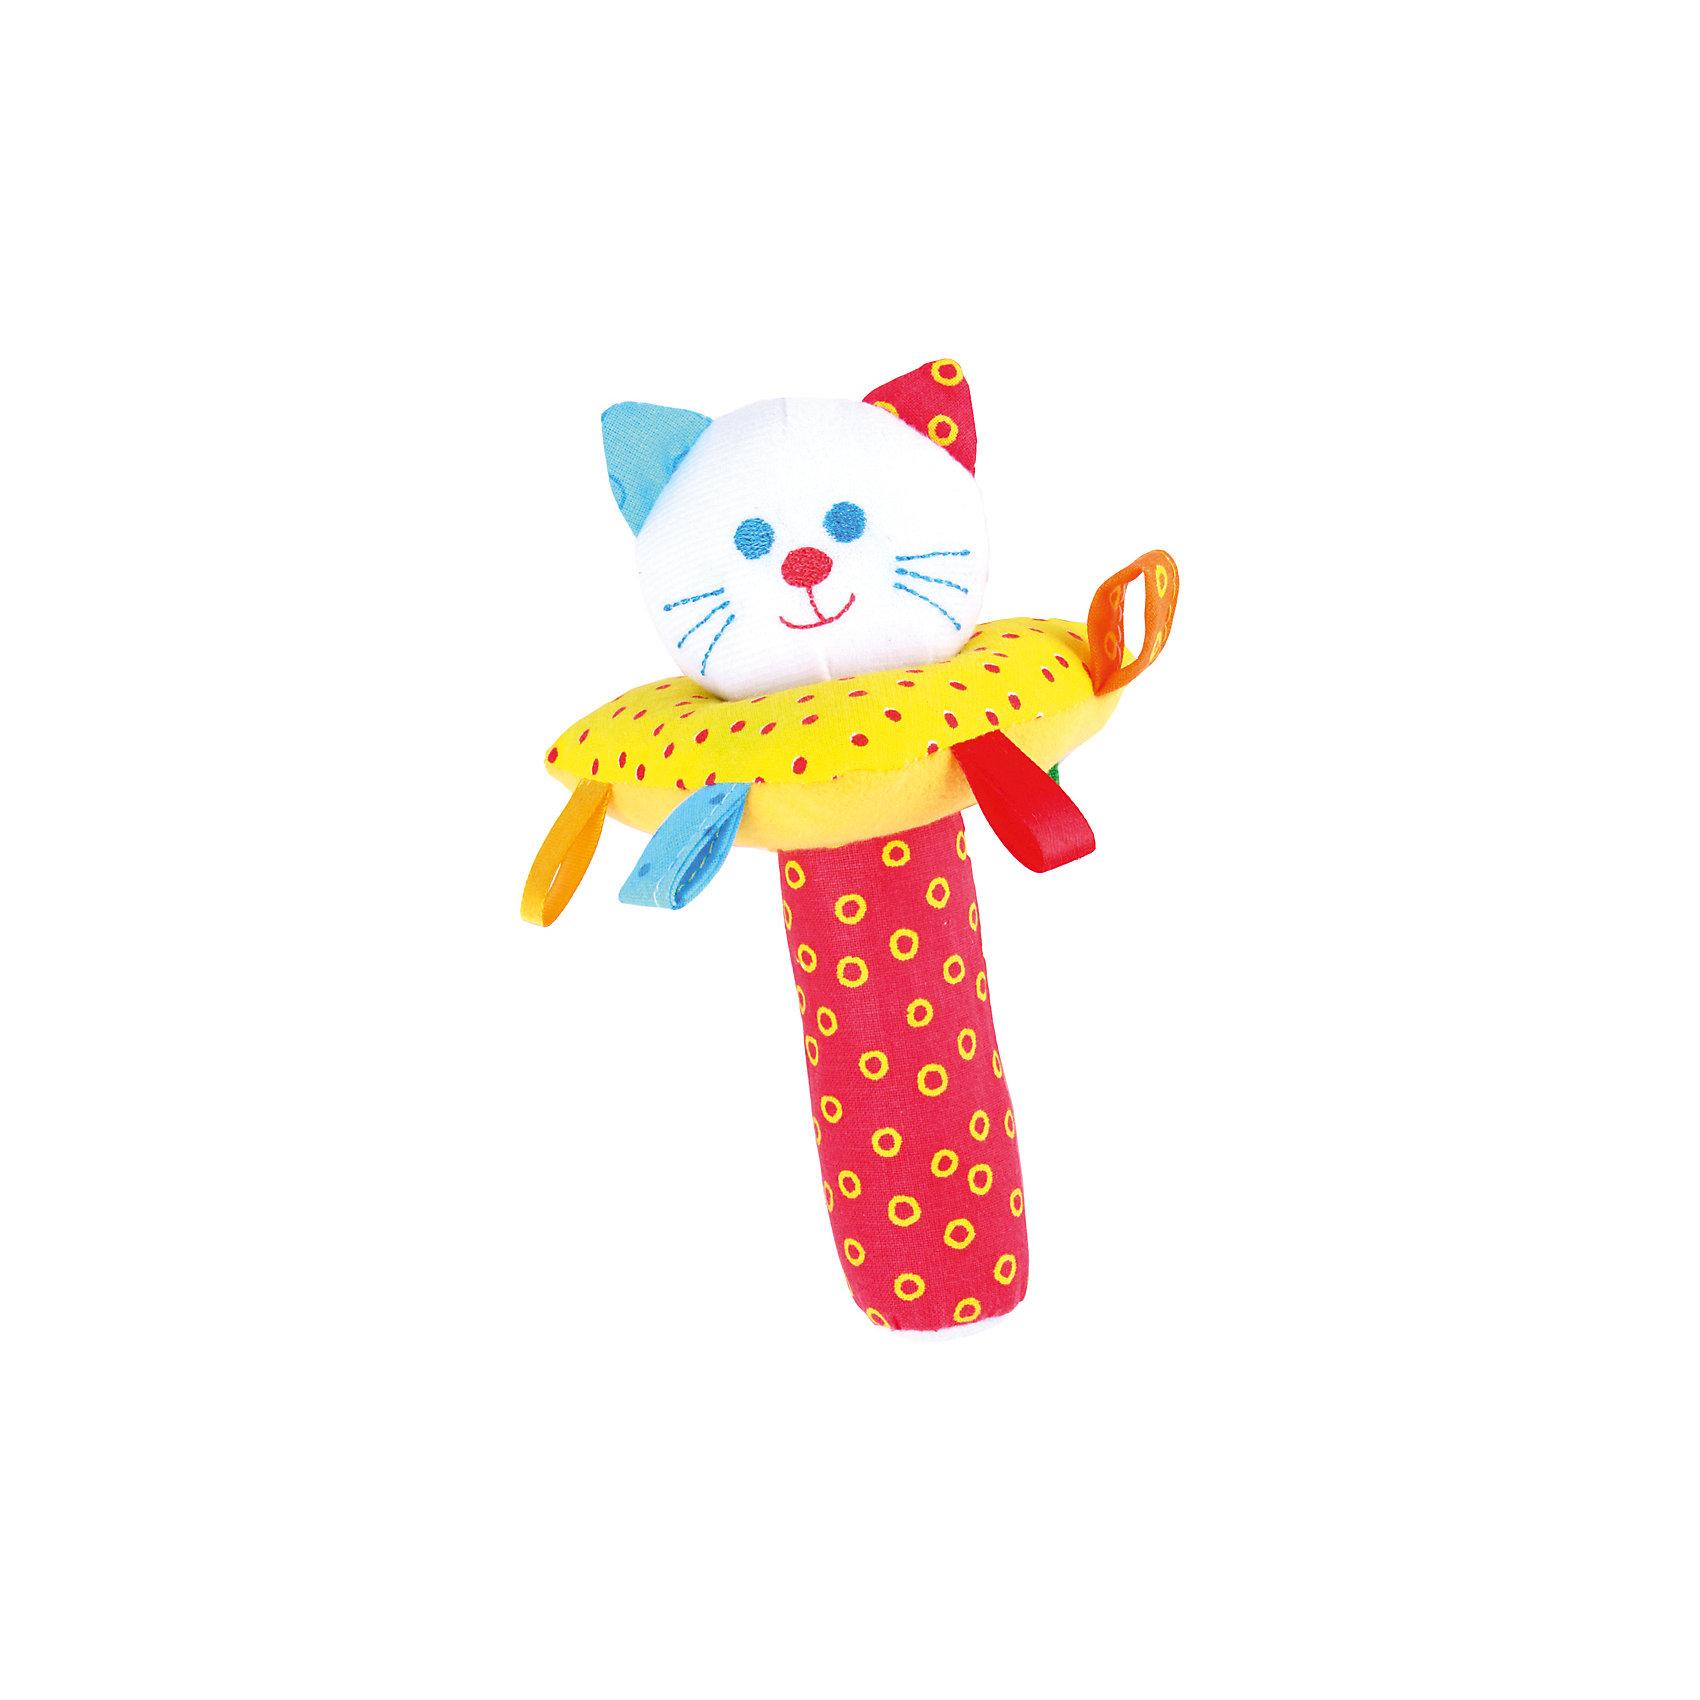 Пирамидка с погремушкой  Котик, МякишиИгрушки для малышей<br>Характеристики товара:<br><br>• материал: разнофактурный текстиль, поролон, холлофайбер<br>• комплектация: 1 шт<br>• размер игрушки: 25х15 см<br>• звуковой элемент<br>• пирамидка<br>• развивающая игрушка<br>• упаковка: пакет<br>• страна бренда: РФ<br>• страна изготовитель: РФ<br><br>Малыши активно познают мир и тянутся к новой информации. Чтобы сделать процесс изучения окружающего пространства интереснее, ребенку можно подарить развивающие игрушки. В процессе игры информация усваивается намного лучше!<br>Такие игрушки помогут занять малыша, играть ими приятно и весело. Одновременно они позволят познакомиться со многими цветами, фактурами, а также научиться извлекать звук. Подобные игрушки развивают тактильные ощущения, моторику, цветовосприятие, логику, воображение, учат фокусировать внимание. Каждое изделие абсолютно безопасно – оно создано из качественной ткани с мягким наполнителем. Игрушки производятся из качественных и проверенных материалов, которые безопасны для детей.<br><br>Пирамидку с погремушкой Котик от бренда Мякиши можно купить в нашем интернет-магазине.<br><br>Ширина мм: 200<br>Глубина мм: 150<br>Высота мм: 150<br>Вес г: 50<br>Возраст от месяцев: 12<br>Возраст до месяцев: 36<br>Пол: Унисекс<br>Возраст: Детский<br>SKU: 5183218